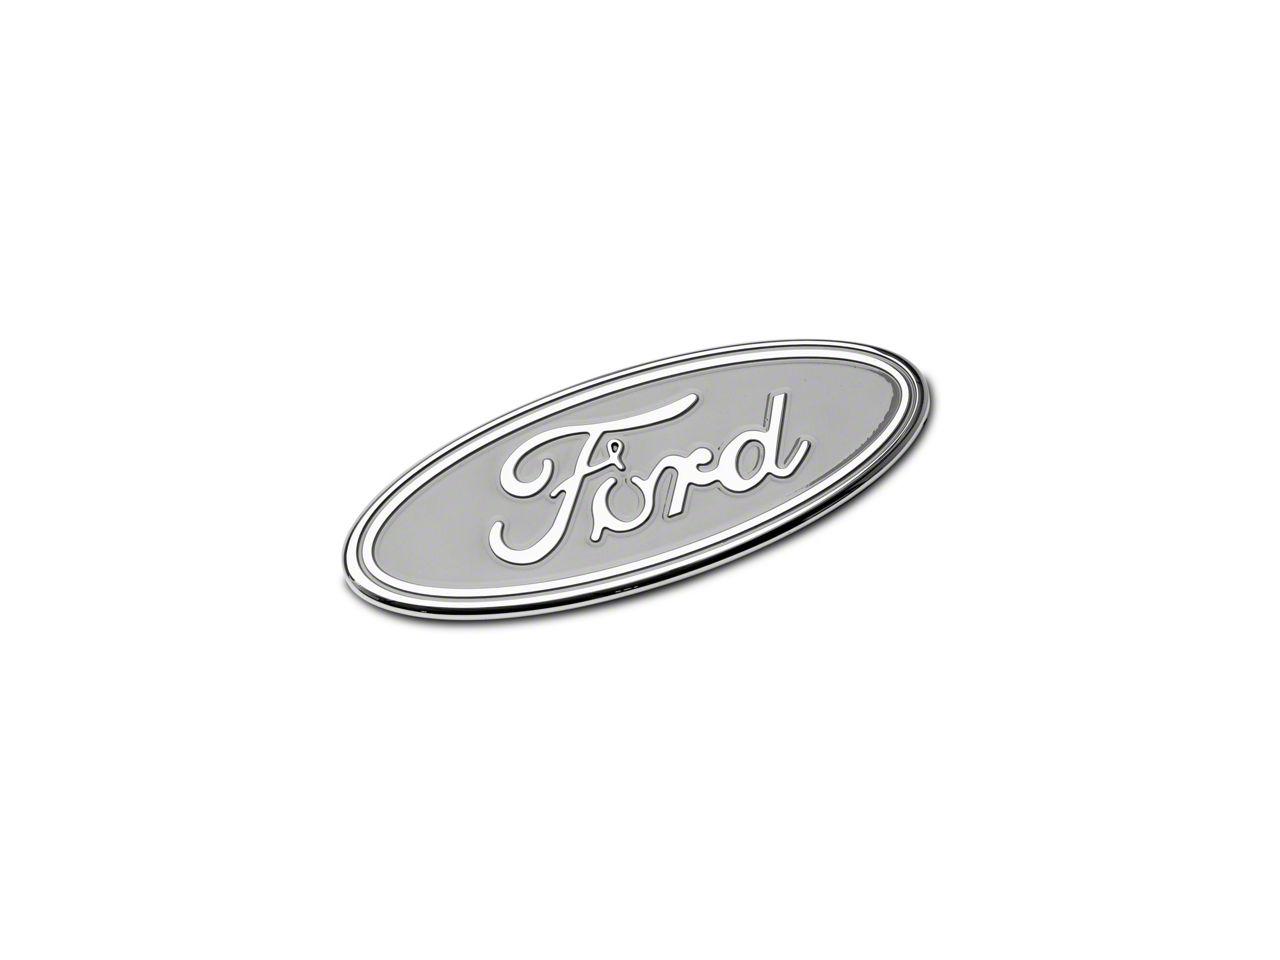 Defenderworx Ford Oval Grille Emblem - Silver (15-18 F-150, Excluding Raptor)